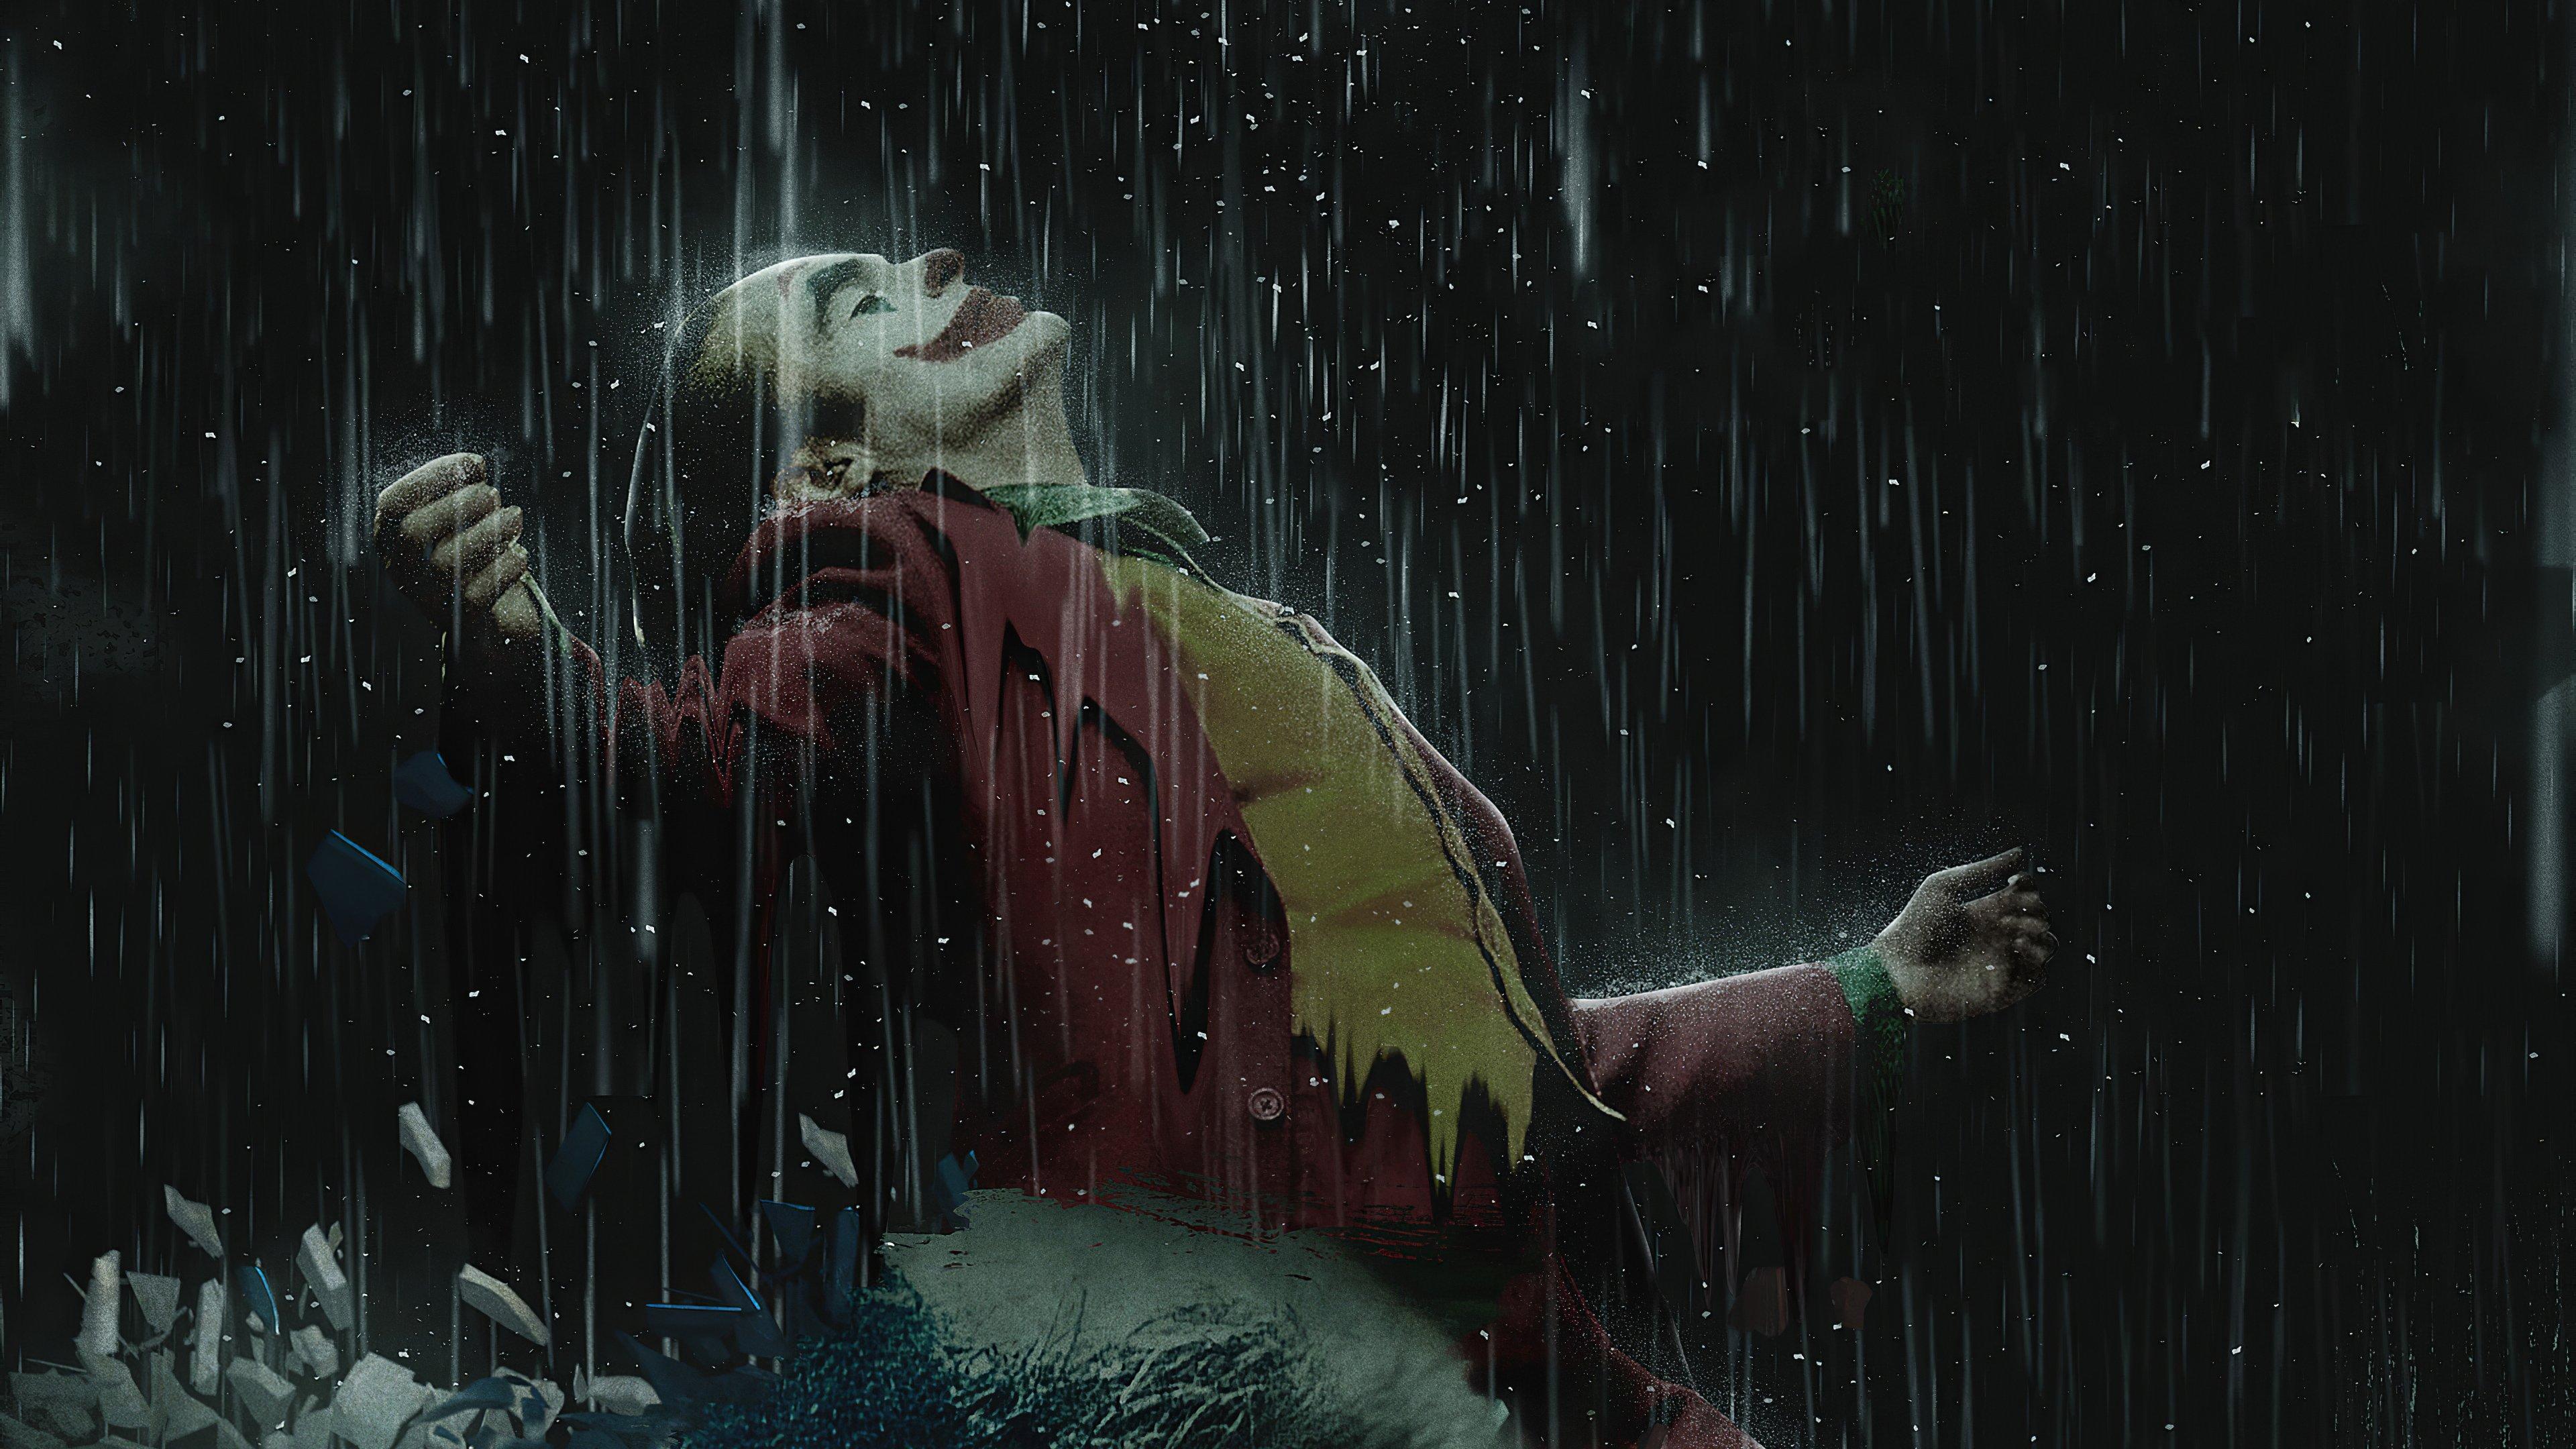 Fondos de pantalla Guason bajo la lluvia